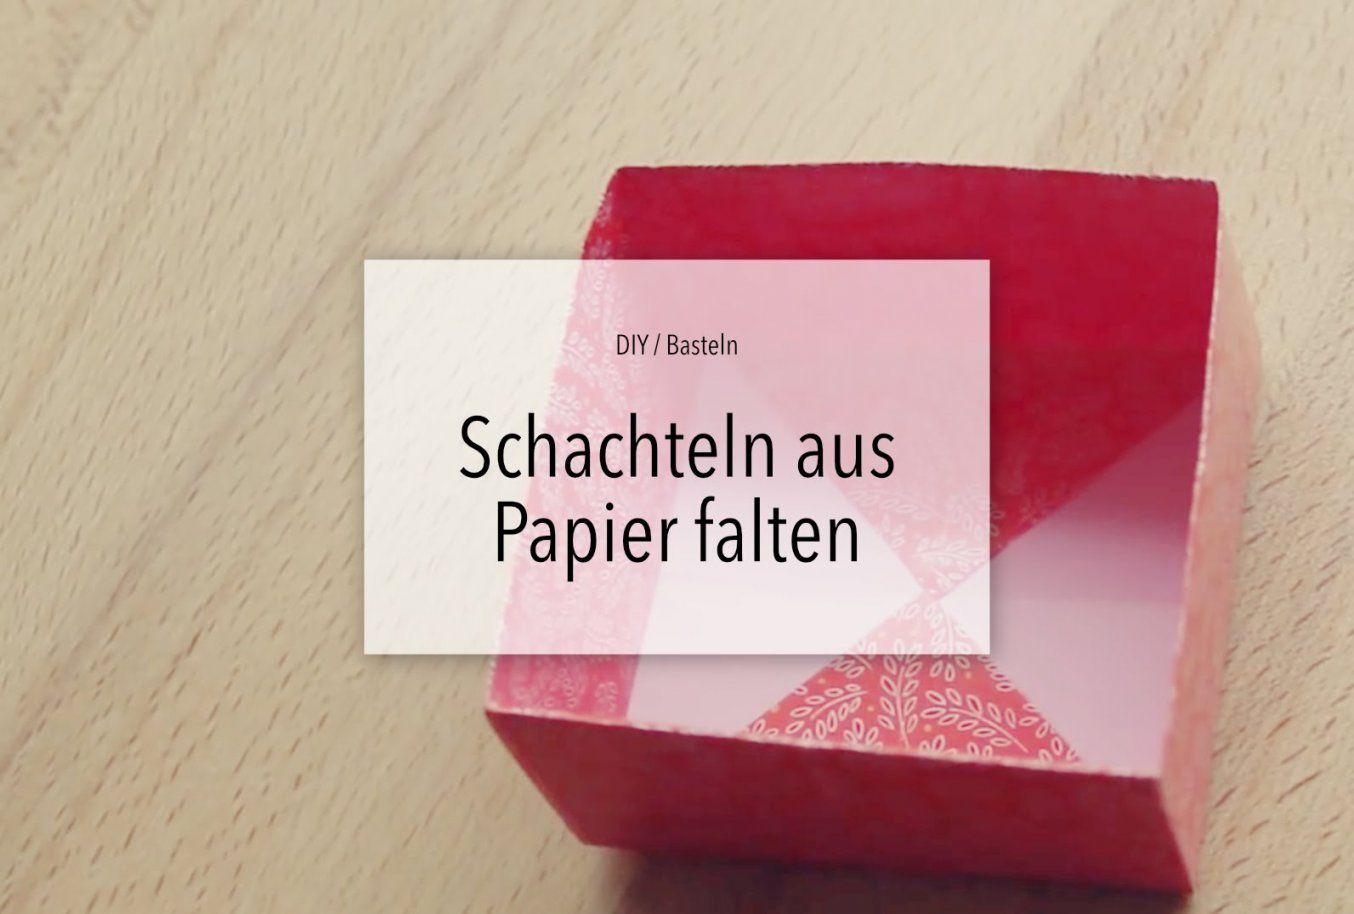 Diy Schachteln Falten  Box Basteln  Youtube von Kleine Schachteln Selber Basteln Photo